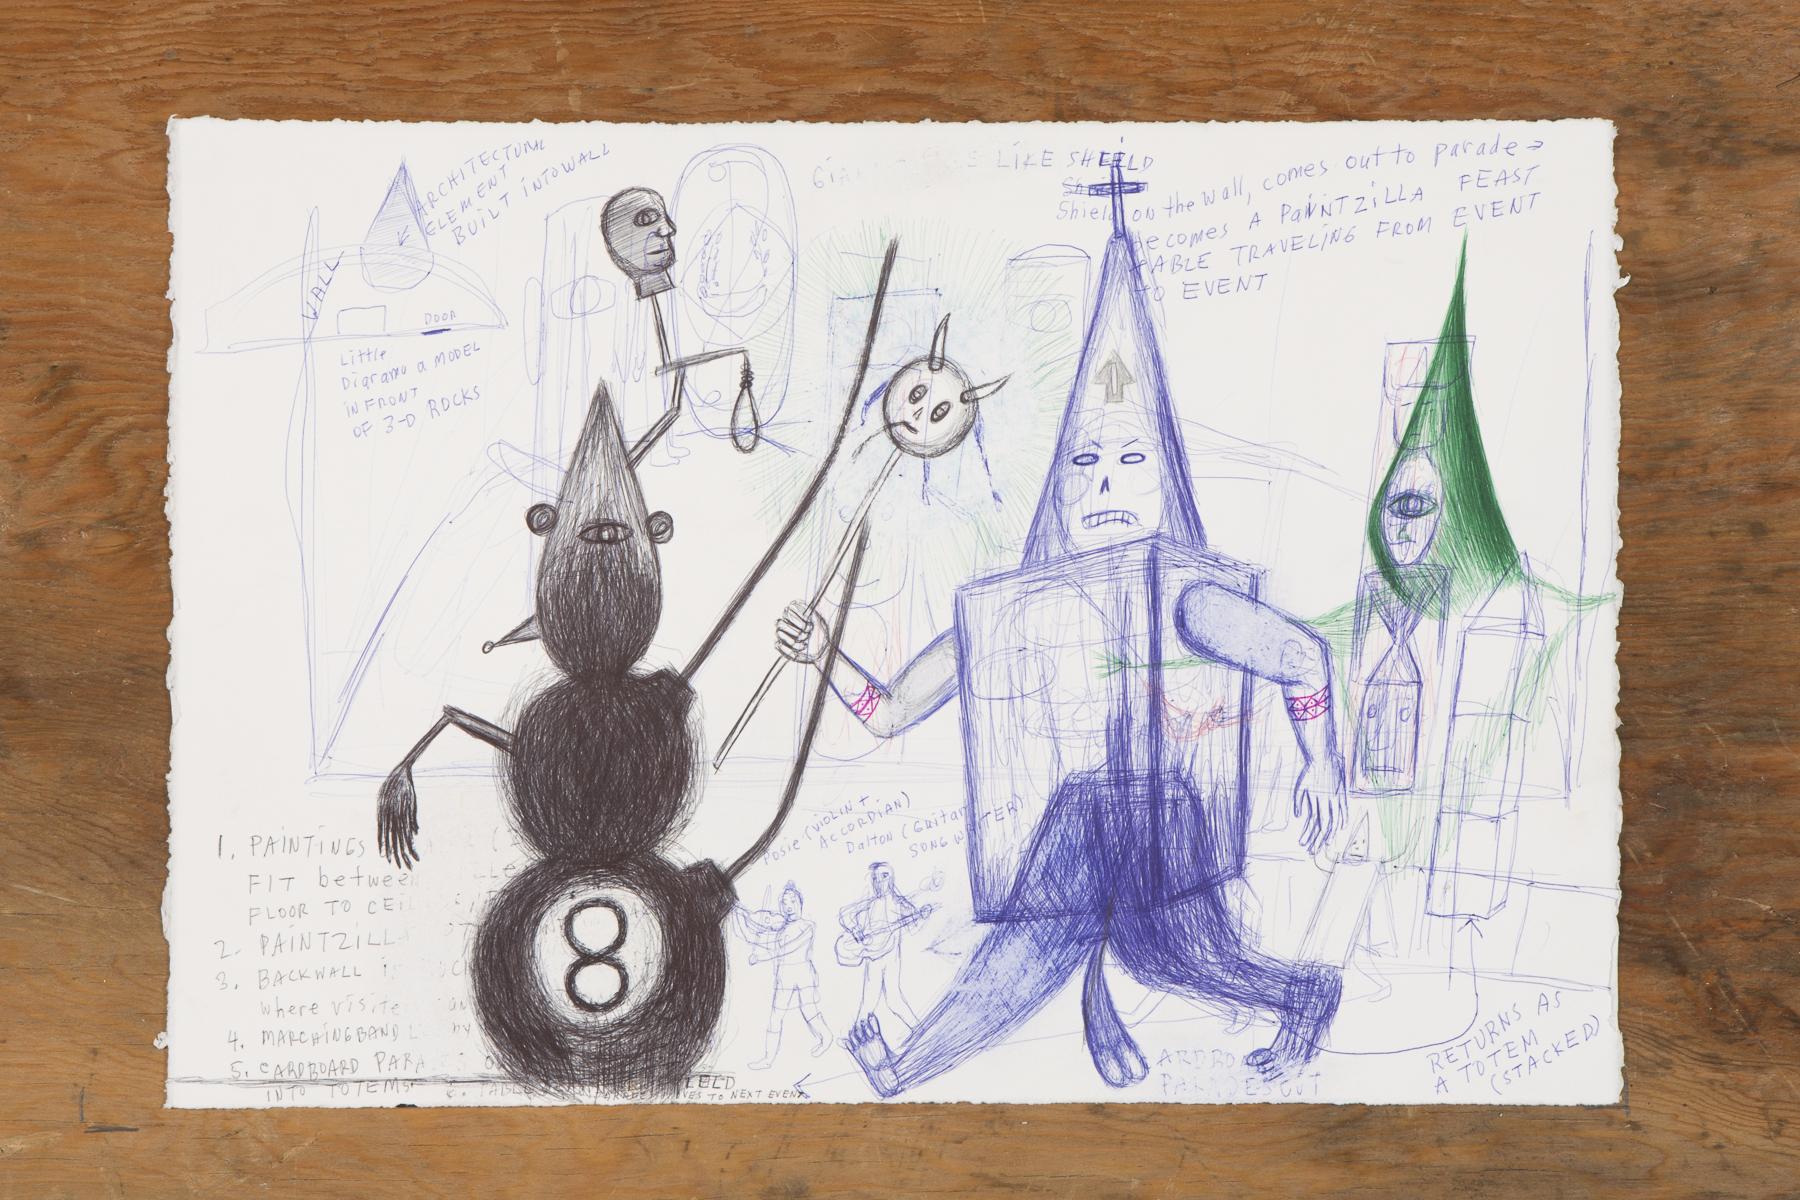 Paintallica_Drawings_038.jpg